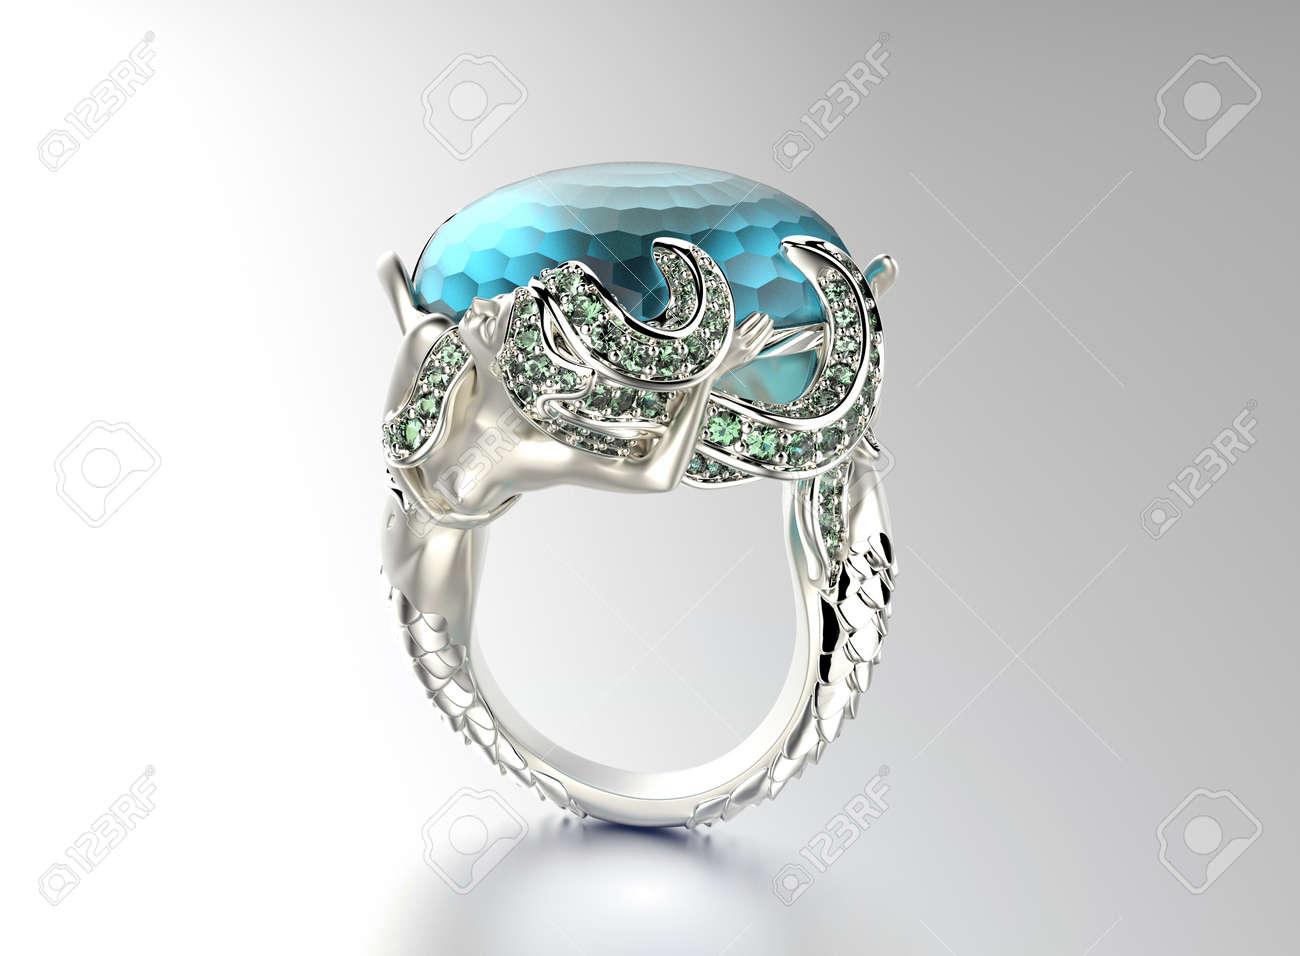 Schmuck diamanten  Golden Ring Mit Diamanten. Schmuck Hintergrund. Aquamarin ...